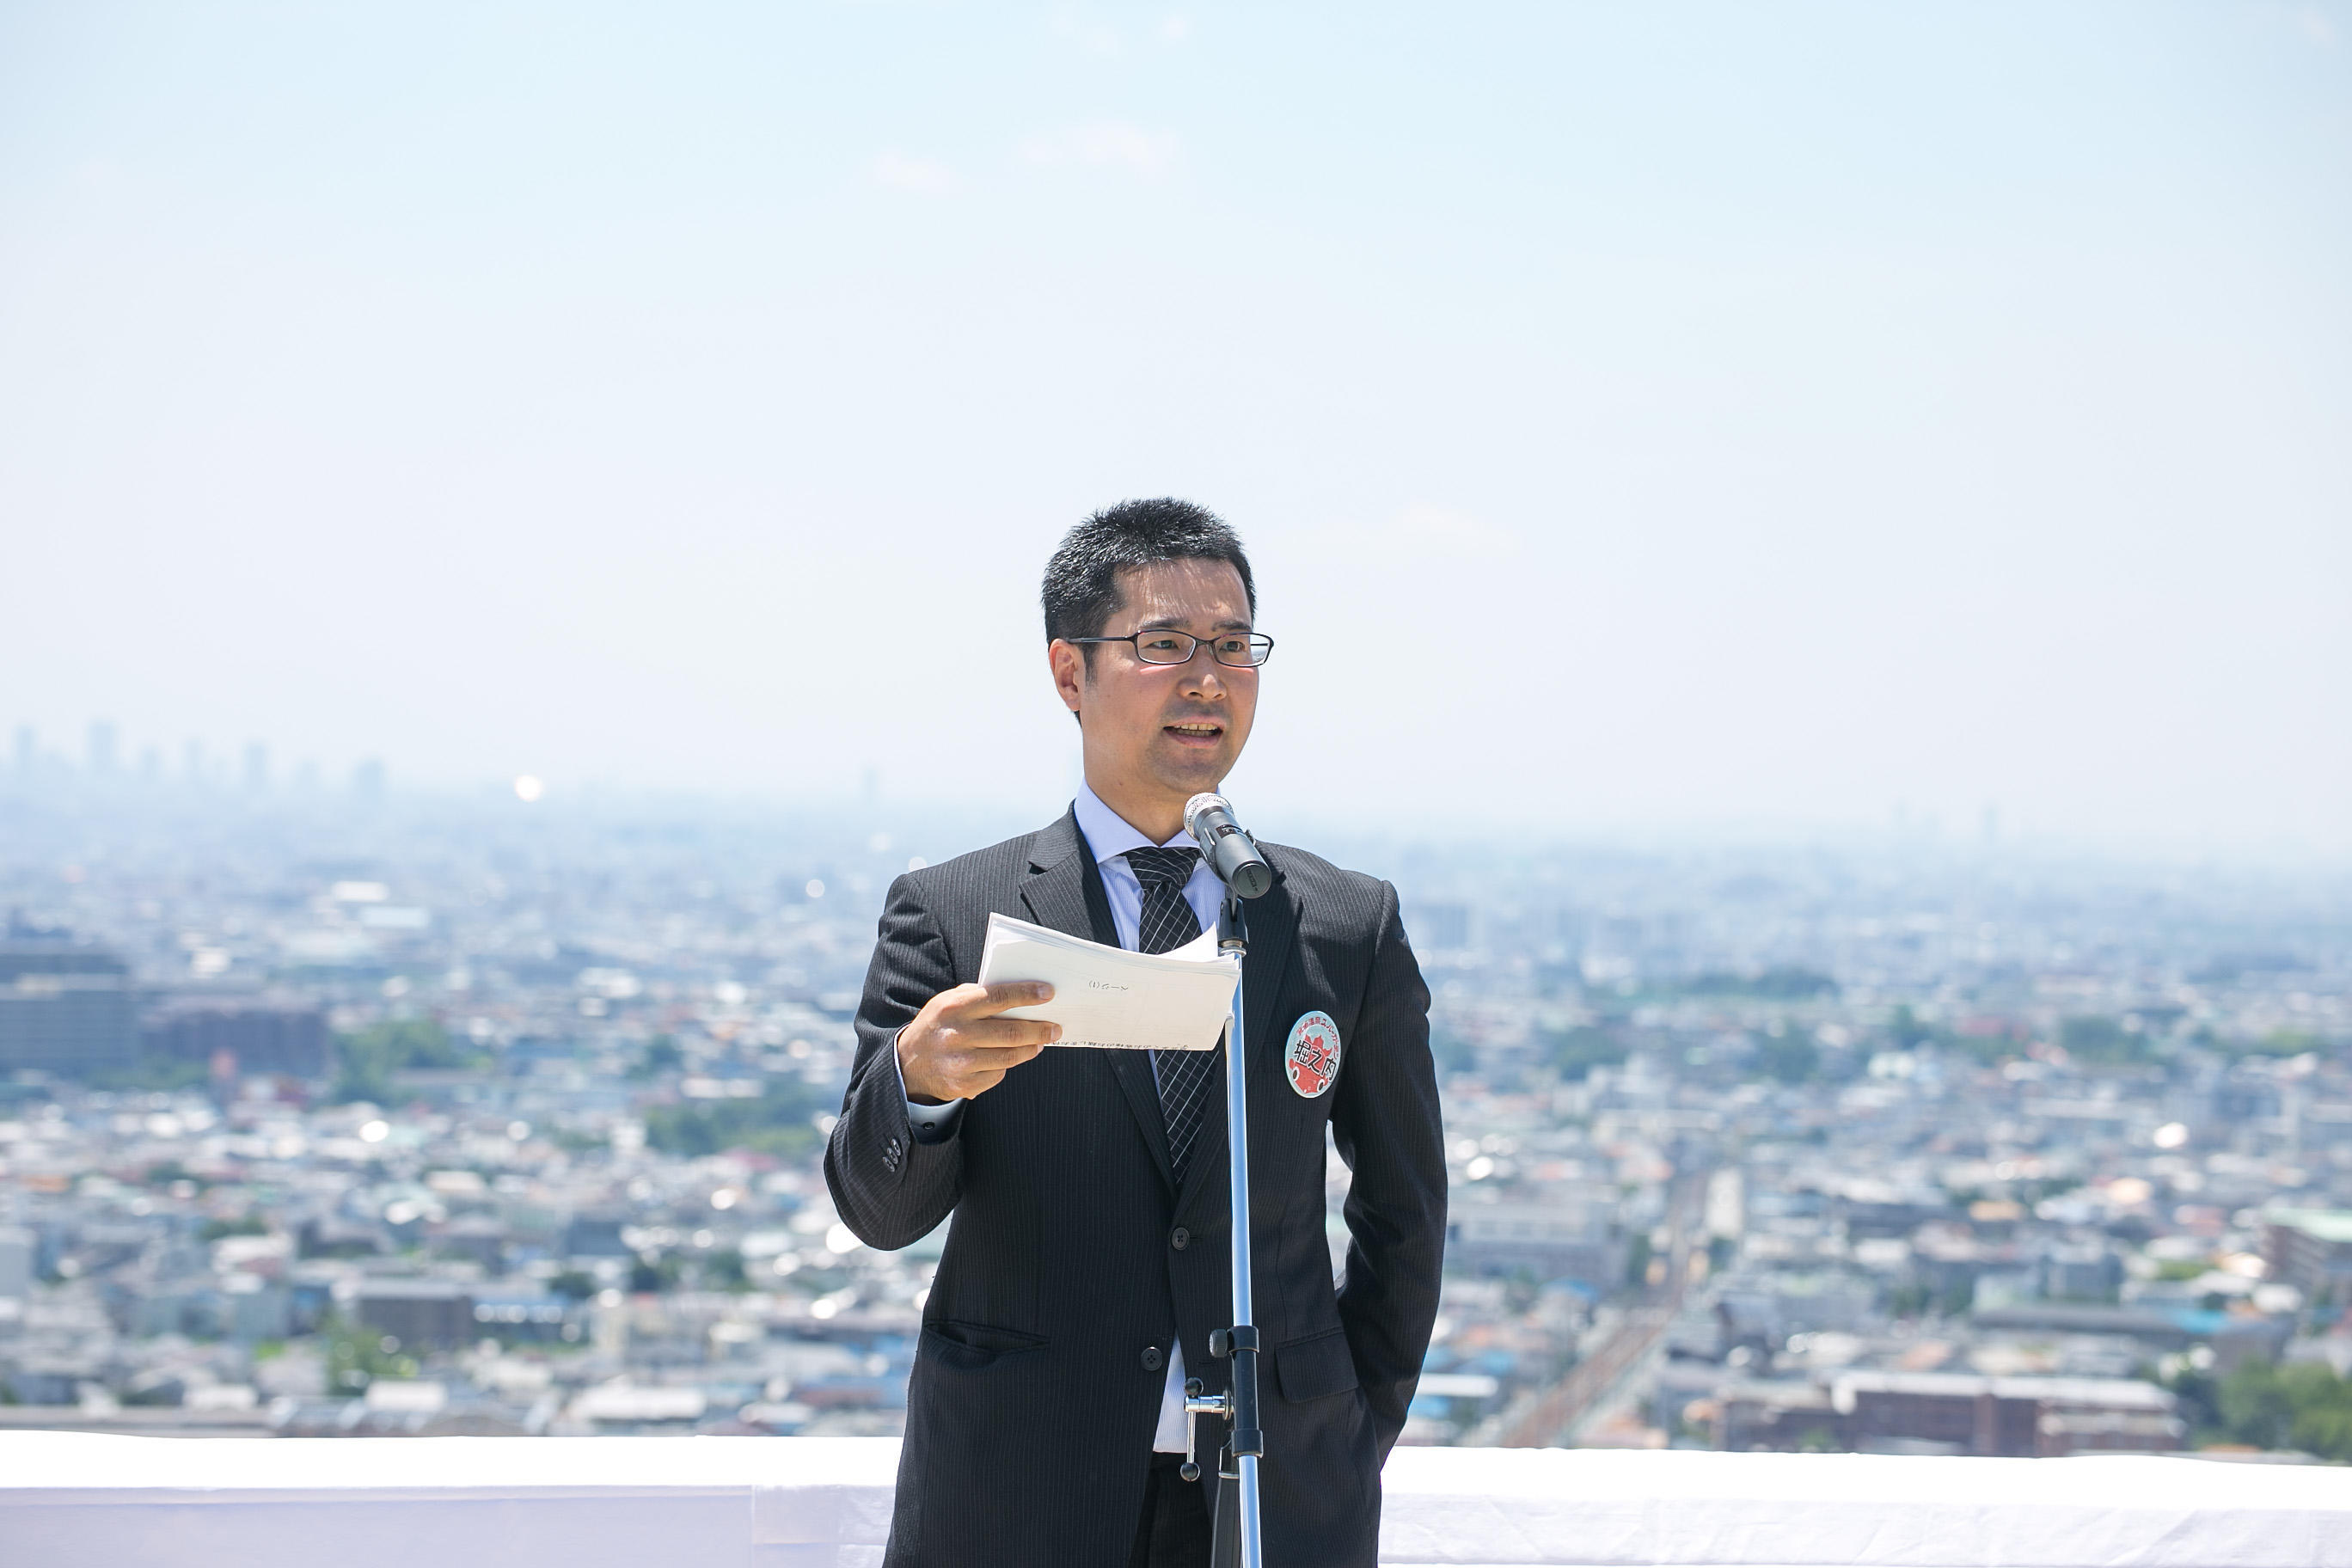 http://news.yoshimoto.co.jp/20180714161628-6e5af1bd8d1501f3ac8e88312ece2ab5f02c03da.jpg